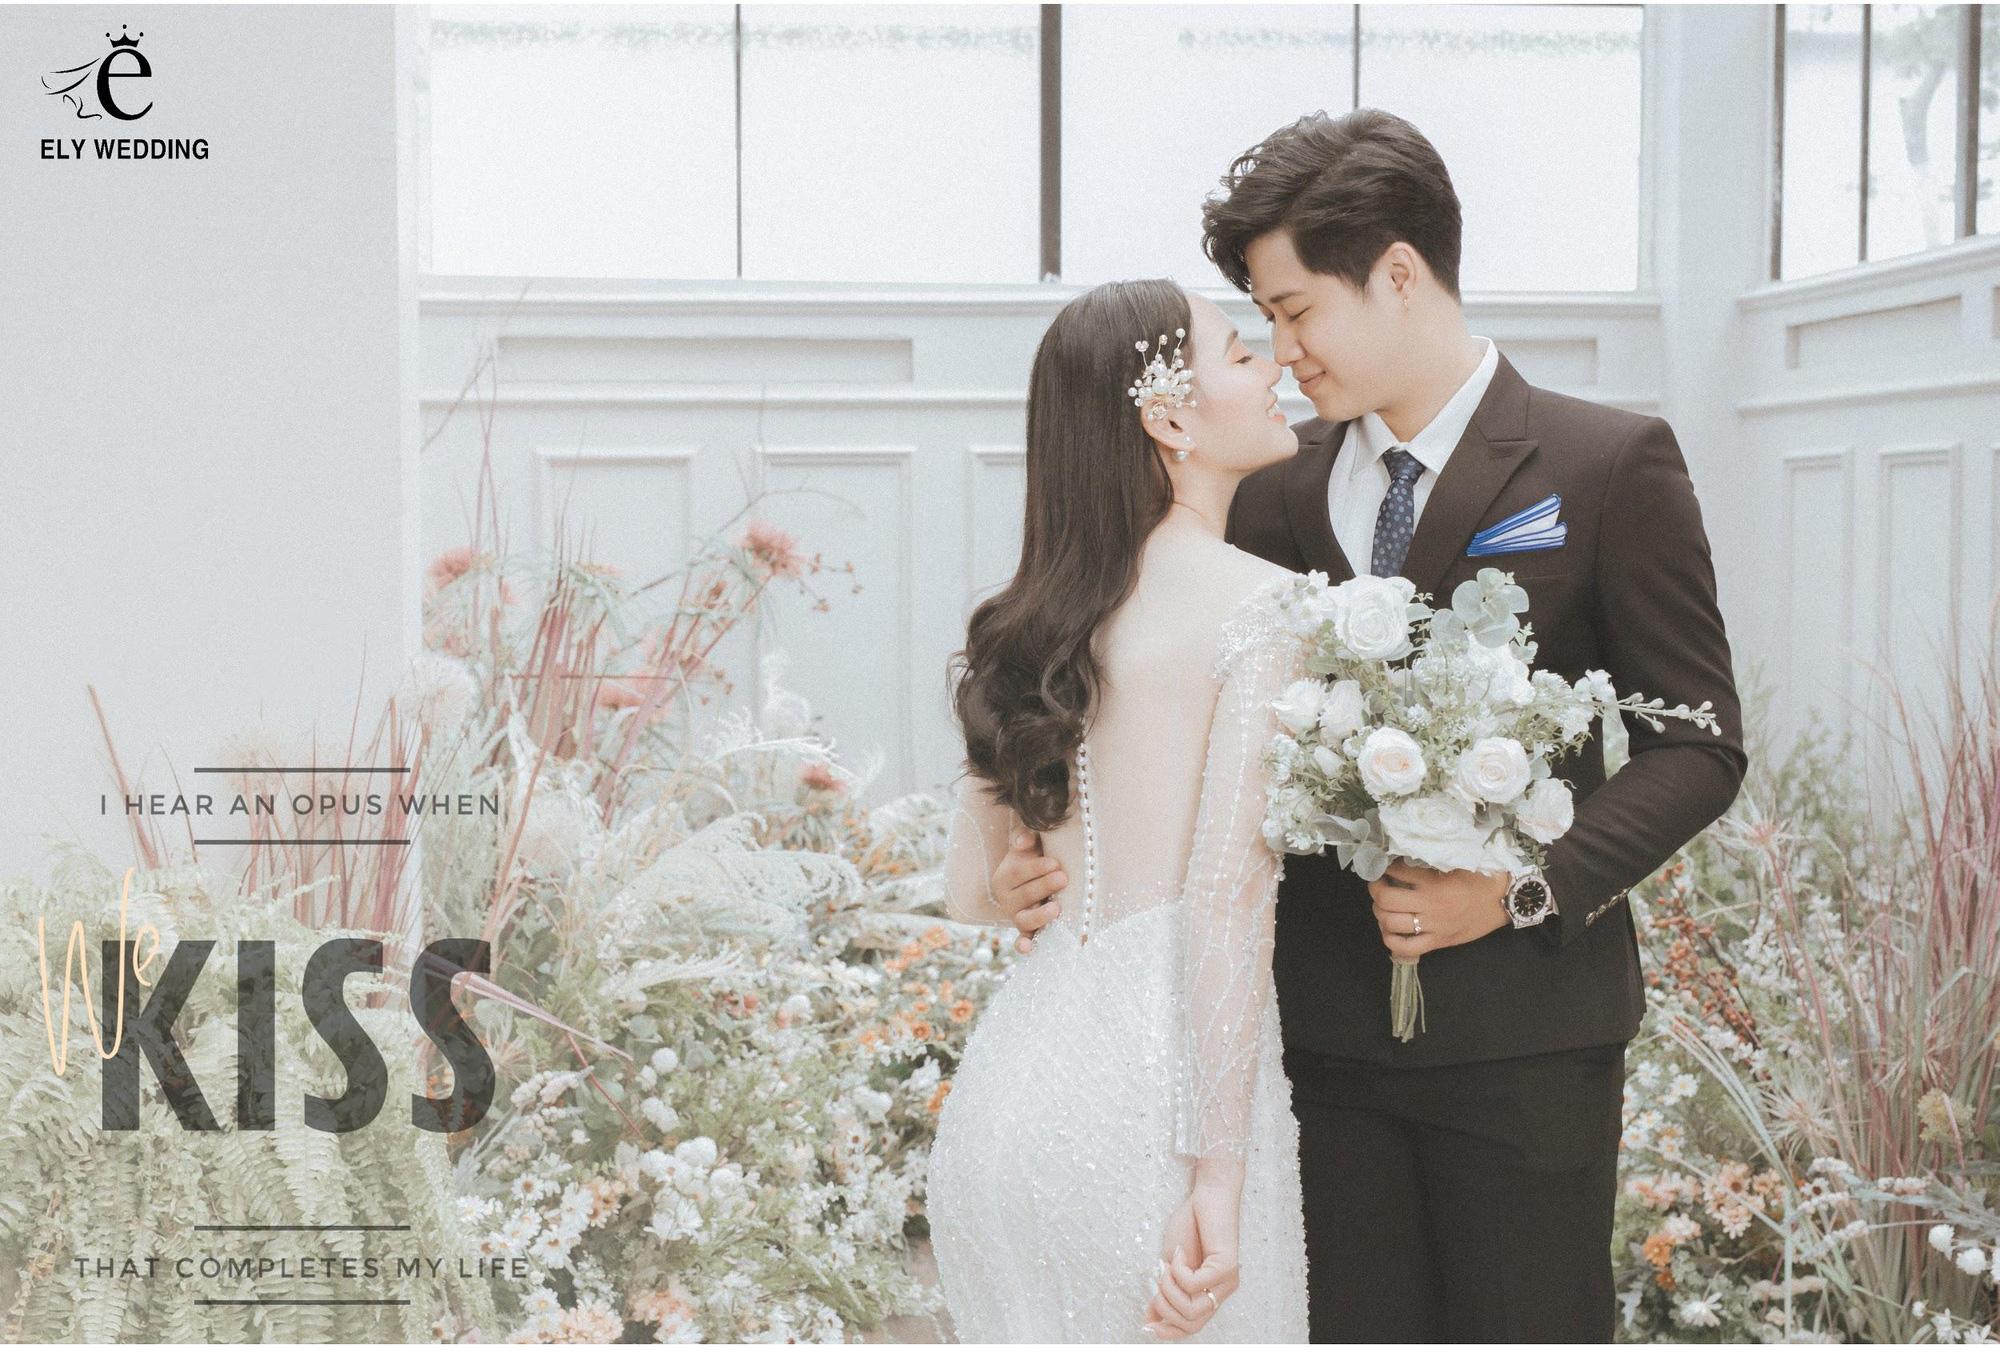 Bộ ảnh cưới siêu hot của Kiếm thủ Lê Minh Hằng - Em gái quốc dân làng thể thao Việt Nam - Ảnh 8.